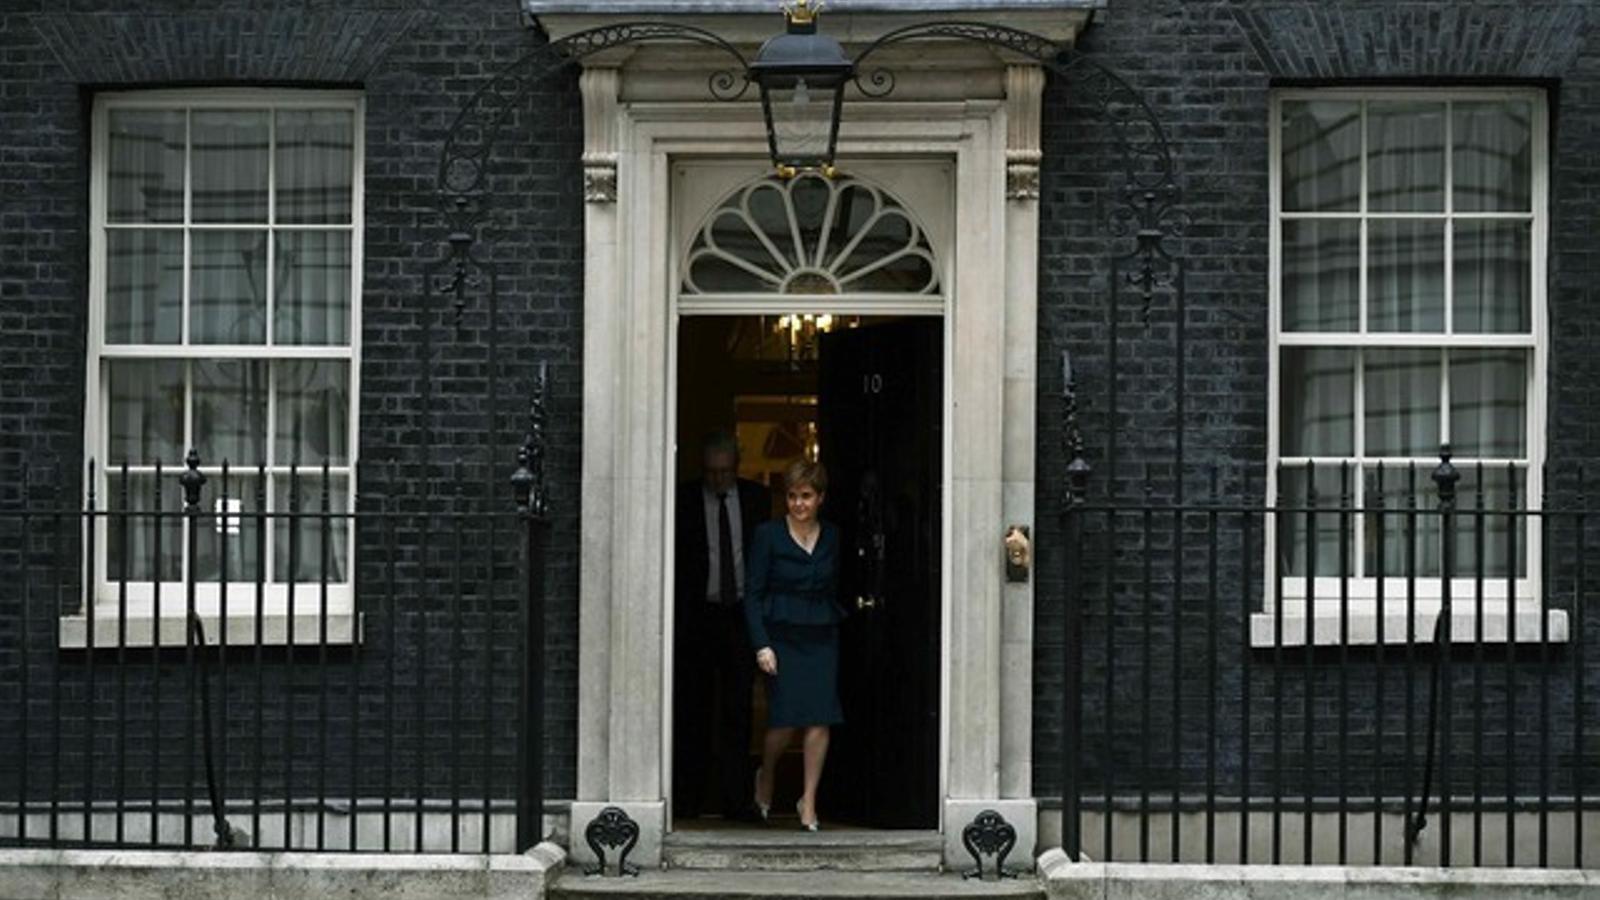 Sturgeon surt de Downing Street després d'entrevistar-se amb la primera ministra May, aquest dilluns.